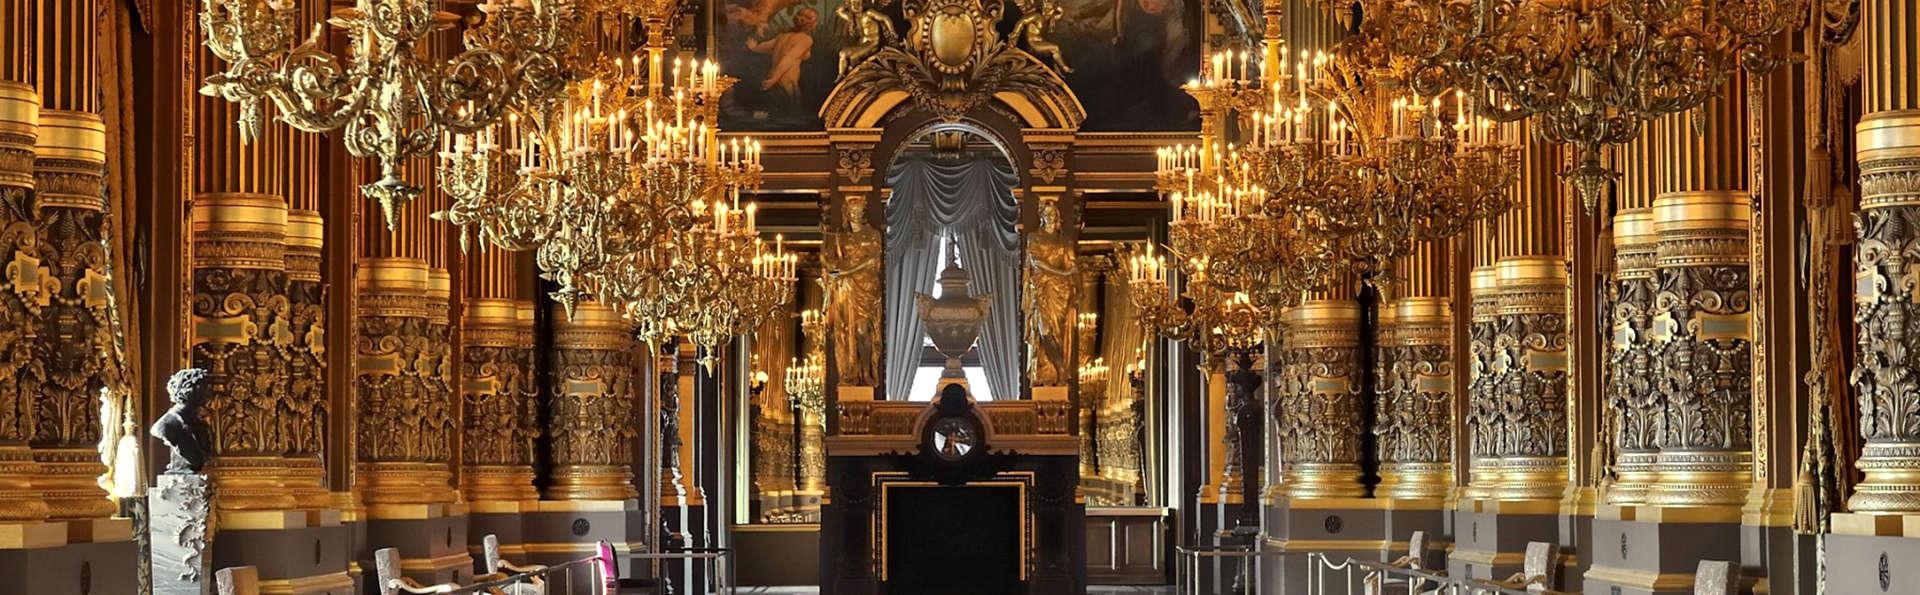 Week-end à Paris avec visite guidée de l'Opéra Garnier